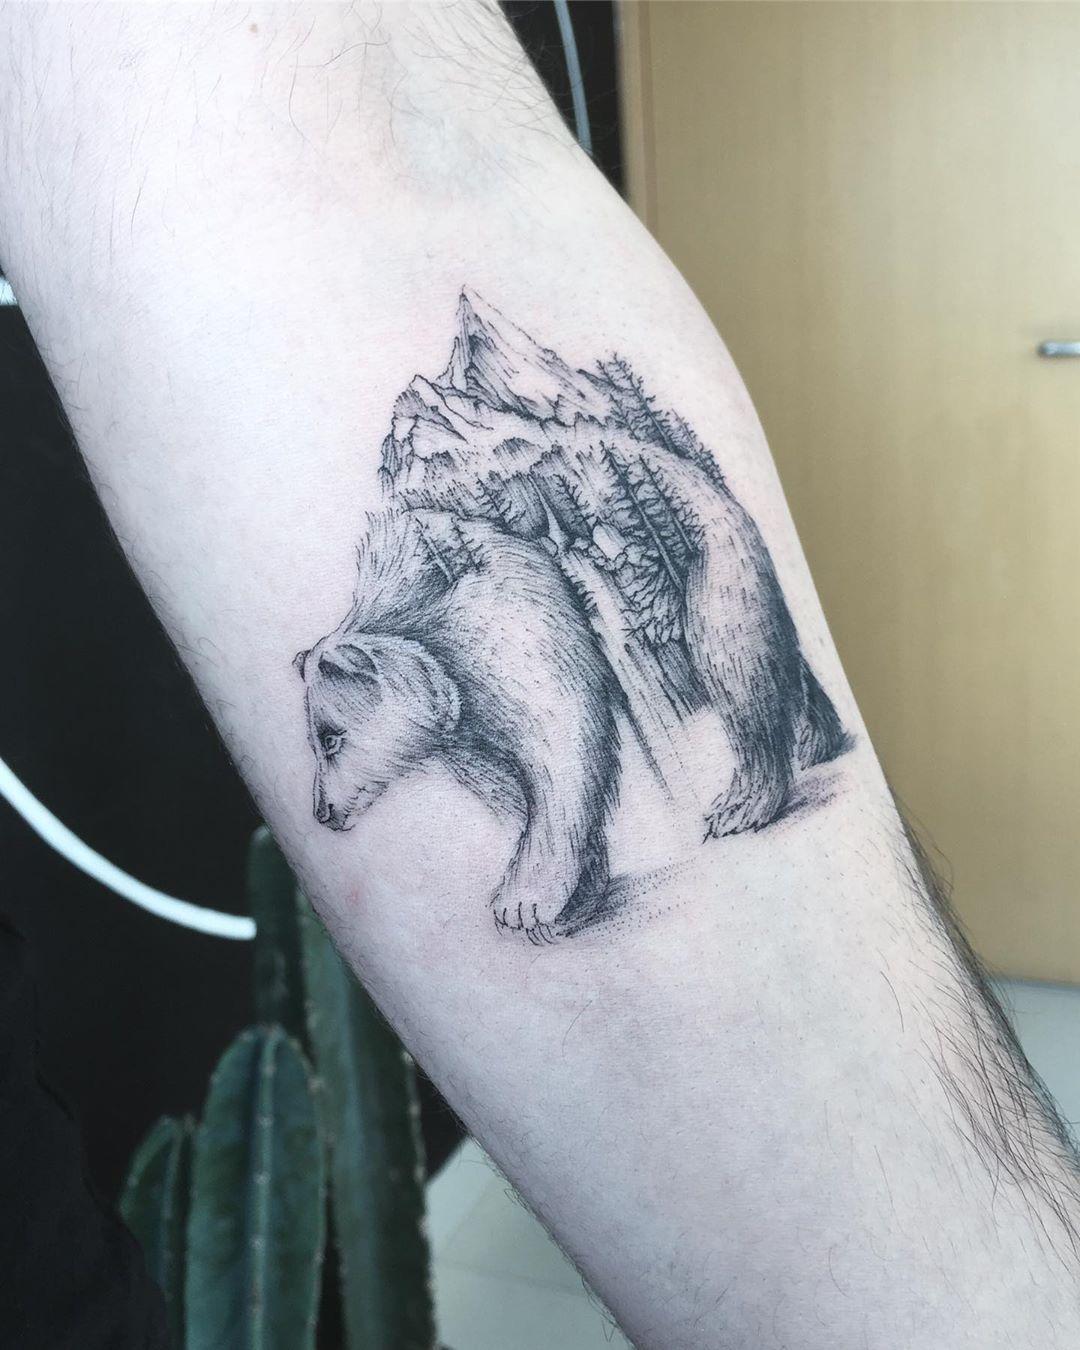 A ursa mãe 🐻♥️ Agendamentos são feitos através do WhatsApp 958771783 • • • #bear #beartattoo #bearillustration #ursotattoo radtattoo #darkartists #tattoo2me #wctattoo #dreamstattoo #instattoobr #tattoodo #inspirationtattoo #t4ttoois #ink2u #tattooist #tattrx #thebesttattooartist #inkstinctsubmission #equilattera #galeriatattoo #tattooworkers